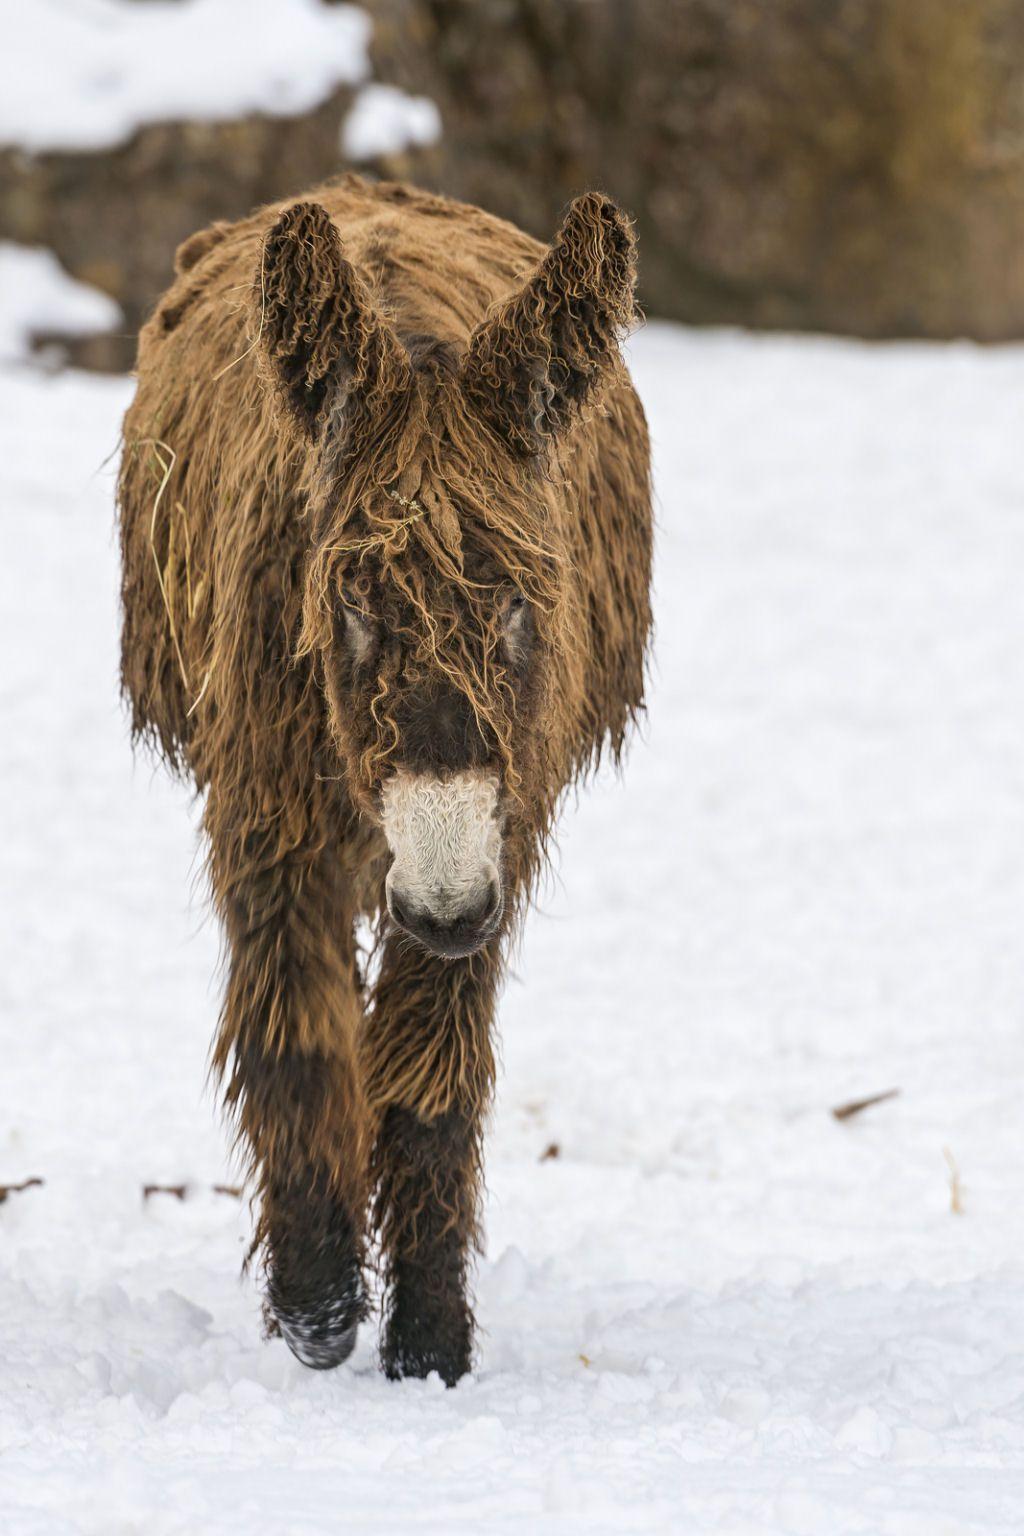 Poitou_burro_dreadlocks (1)